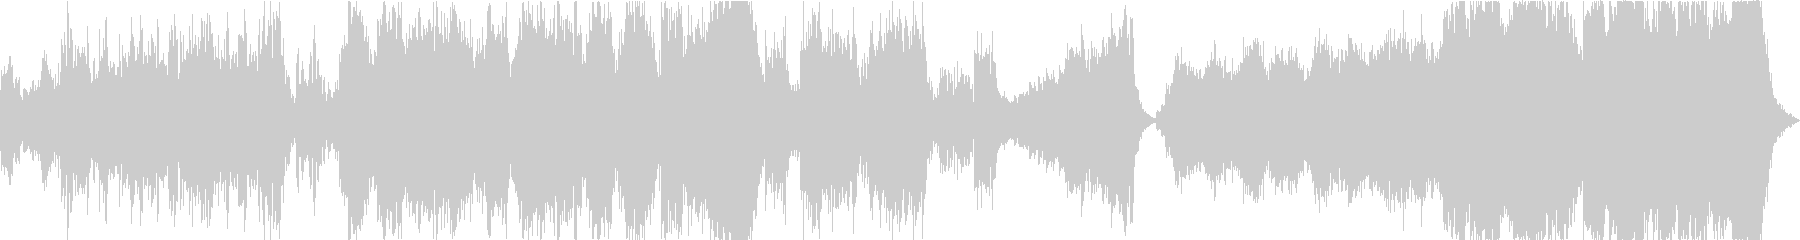 映像向けのハリウッド系オーケストラ曲の未再生の波形